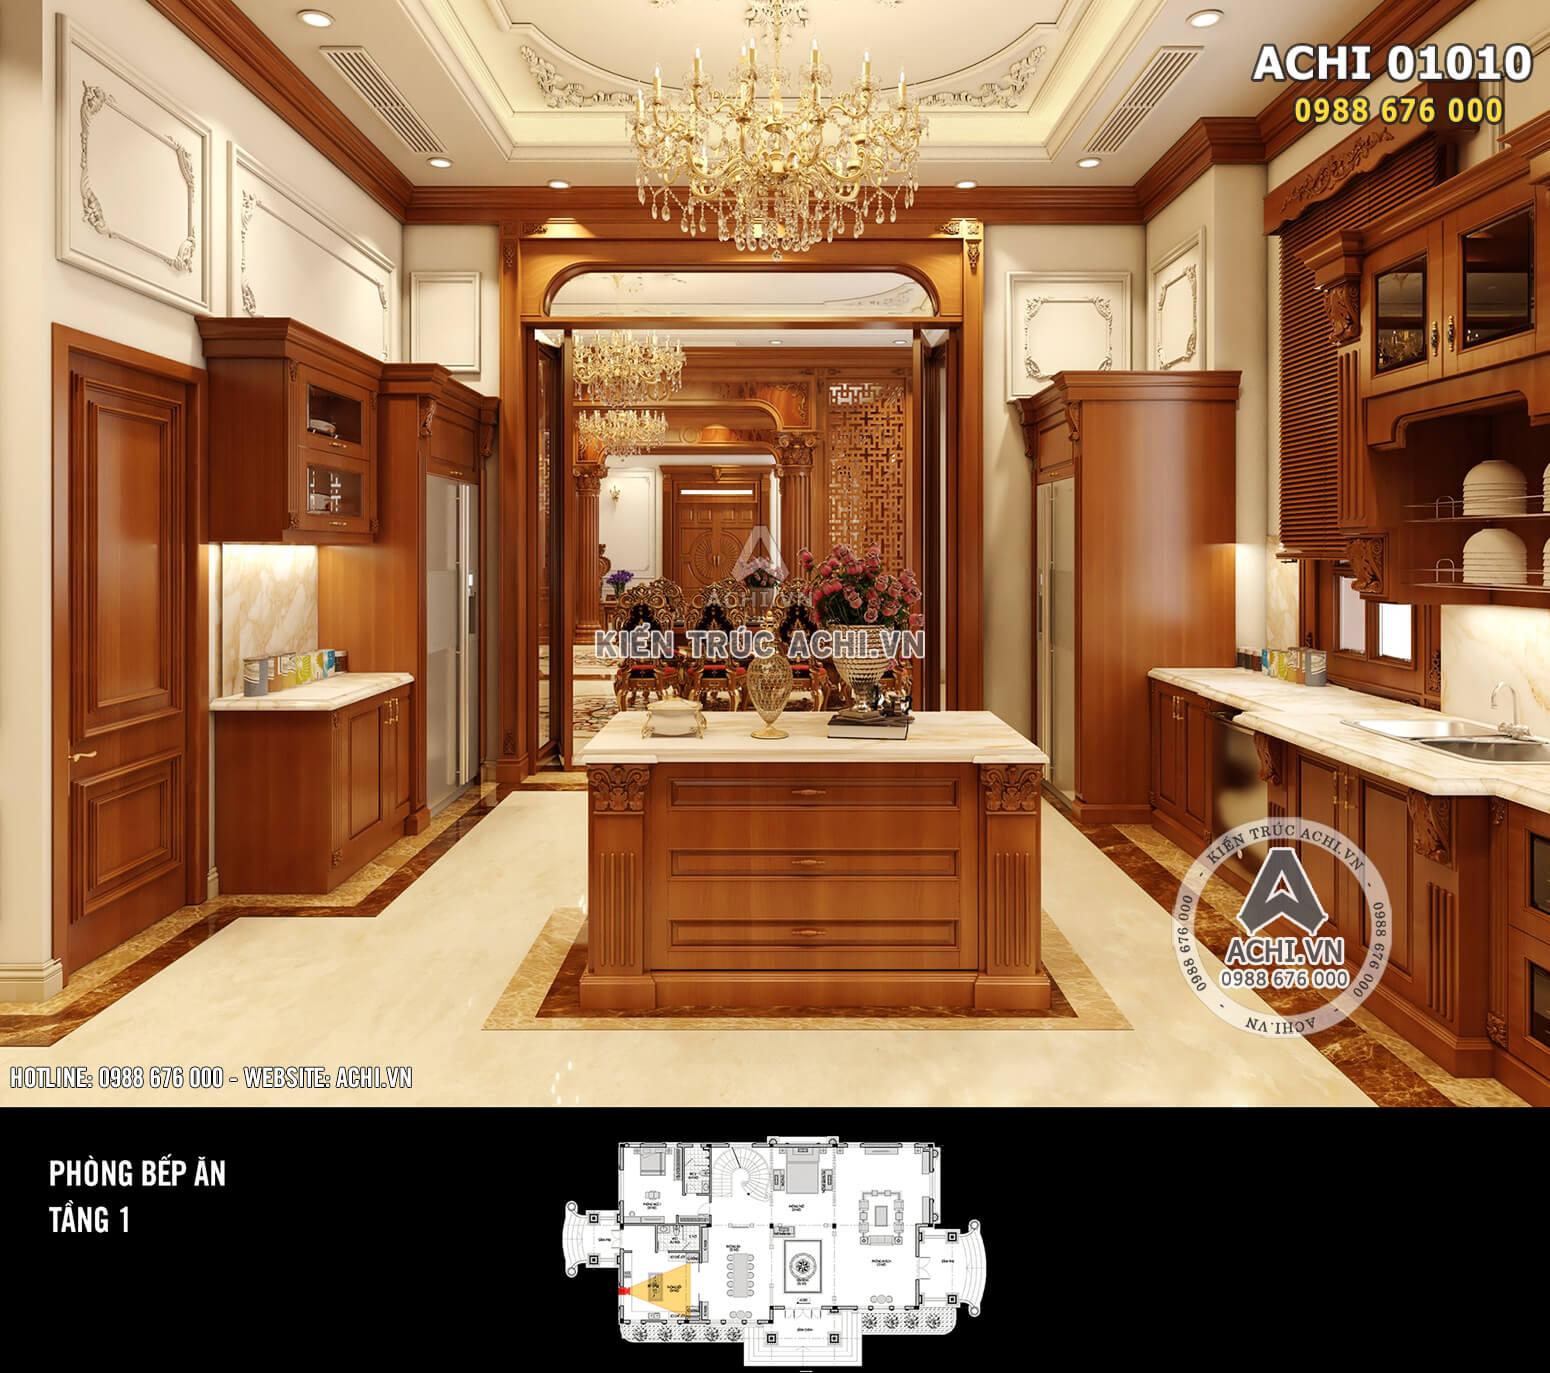 Hình ảnh: Thiết kế nội thất tân cổ điển - Phòng bếp - 02